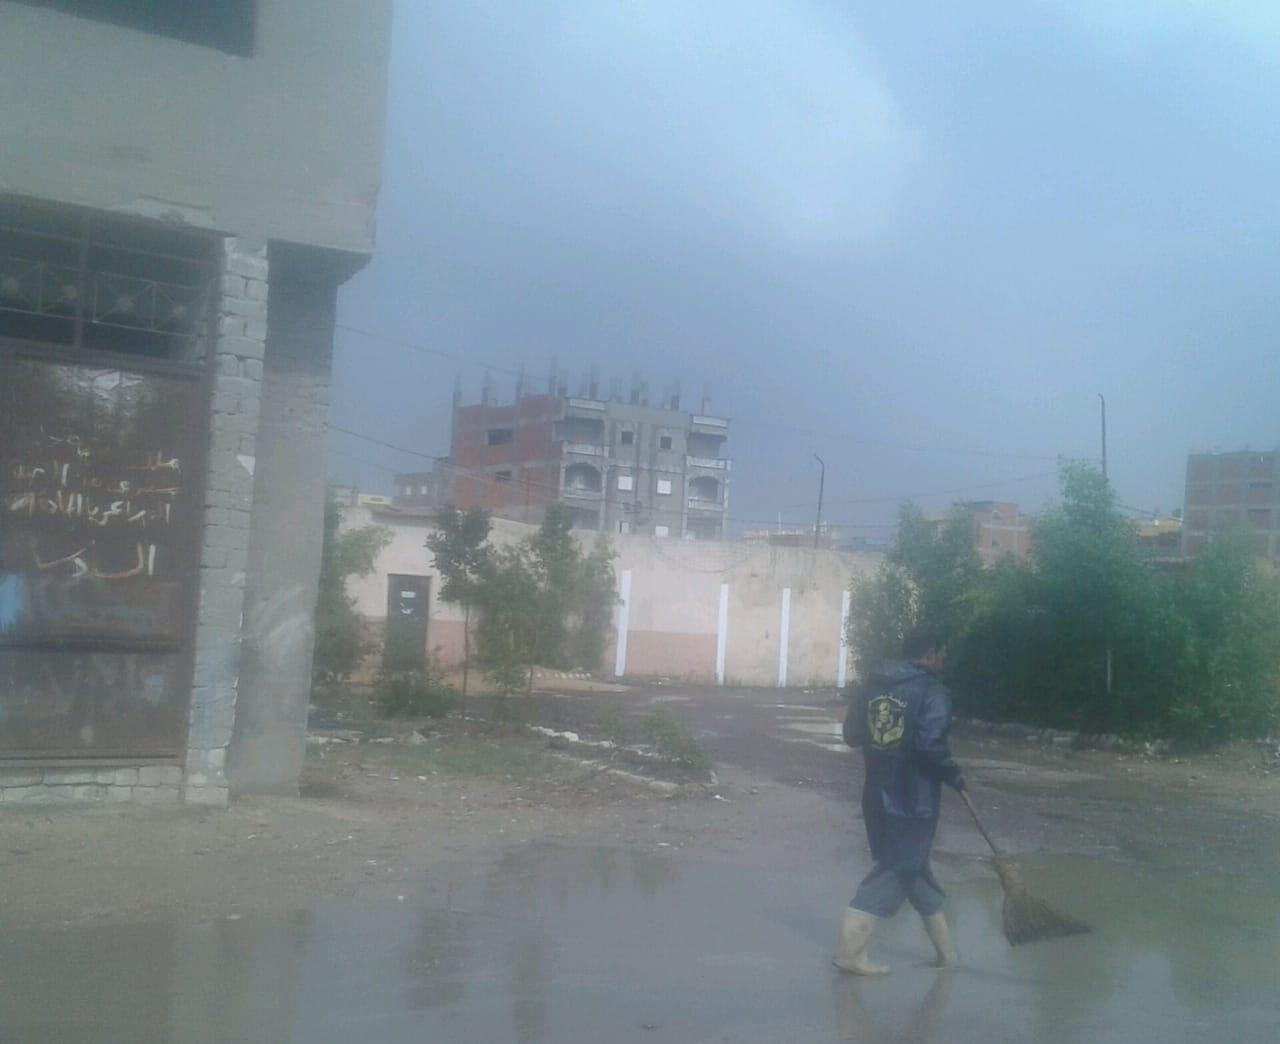 كسح مياه الأمطار من الشوارع الرئيسية بالإسكندرية (2)